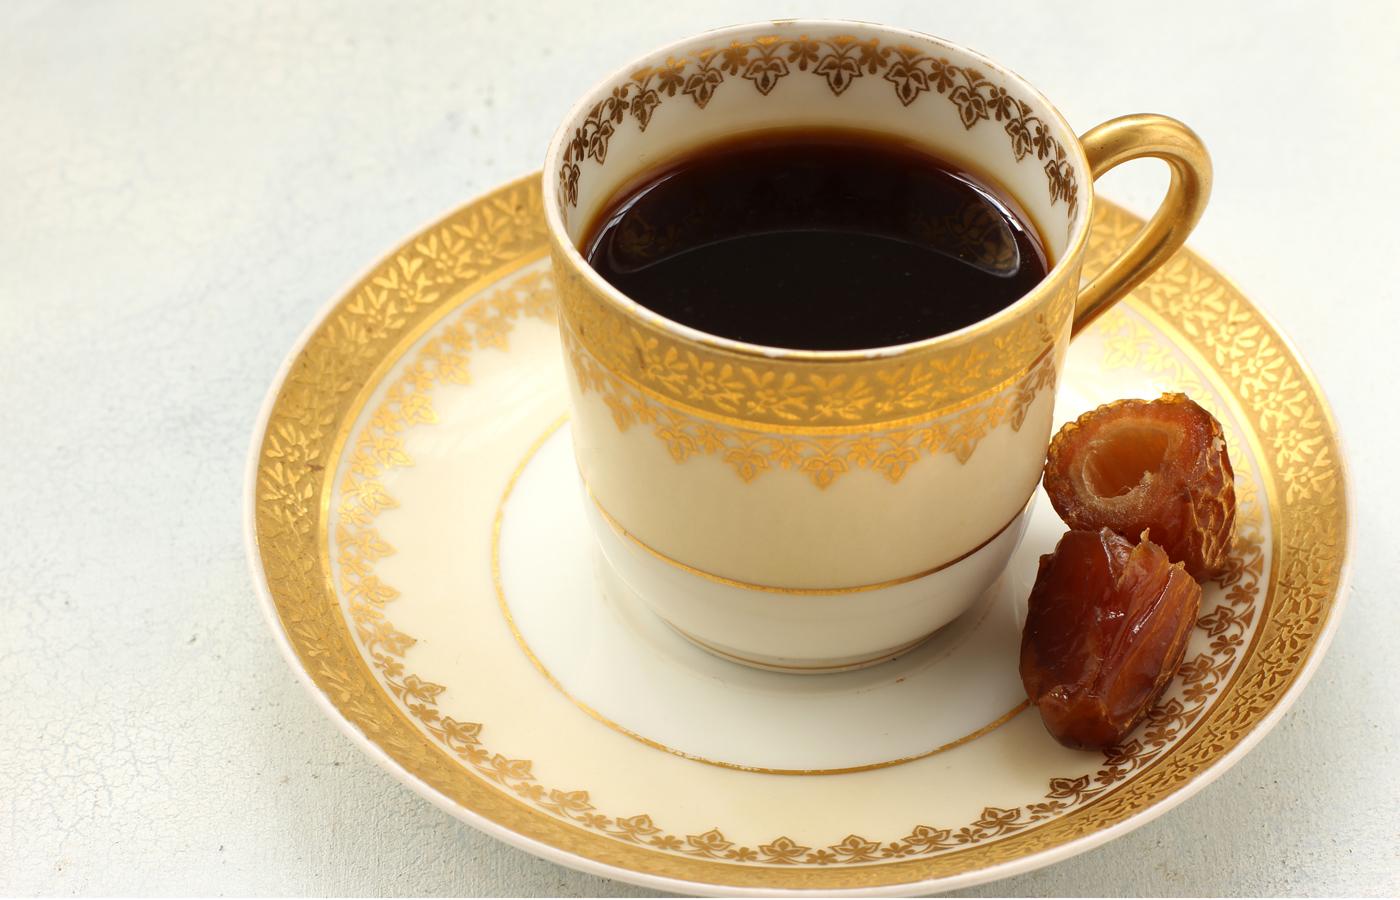 تعرف علي مكونات القهوة العربية